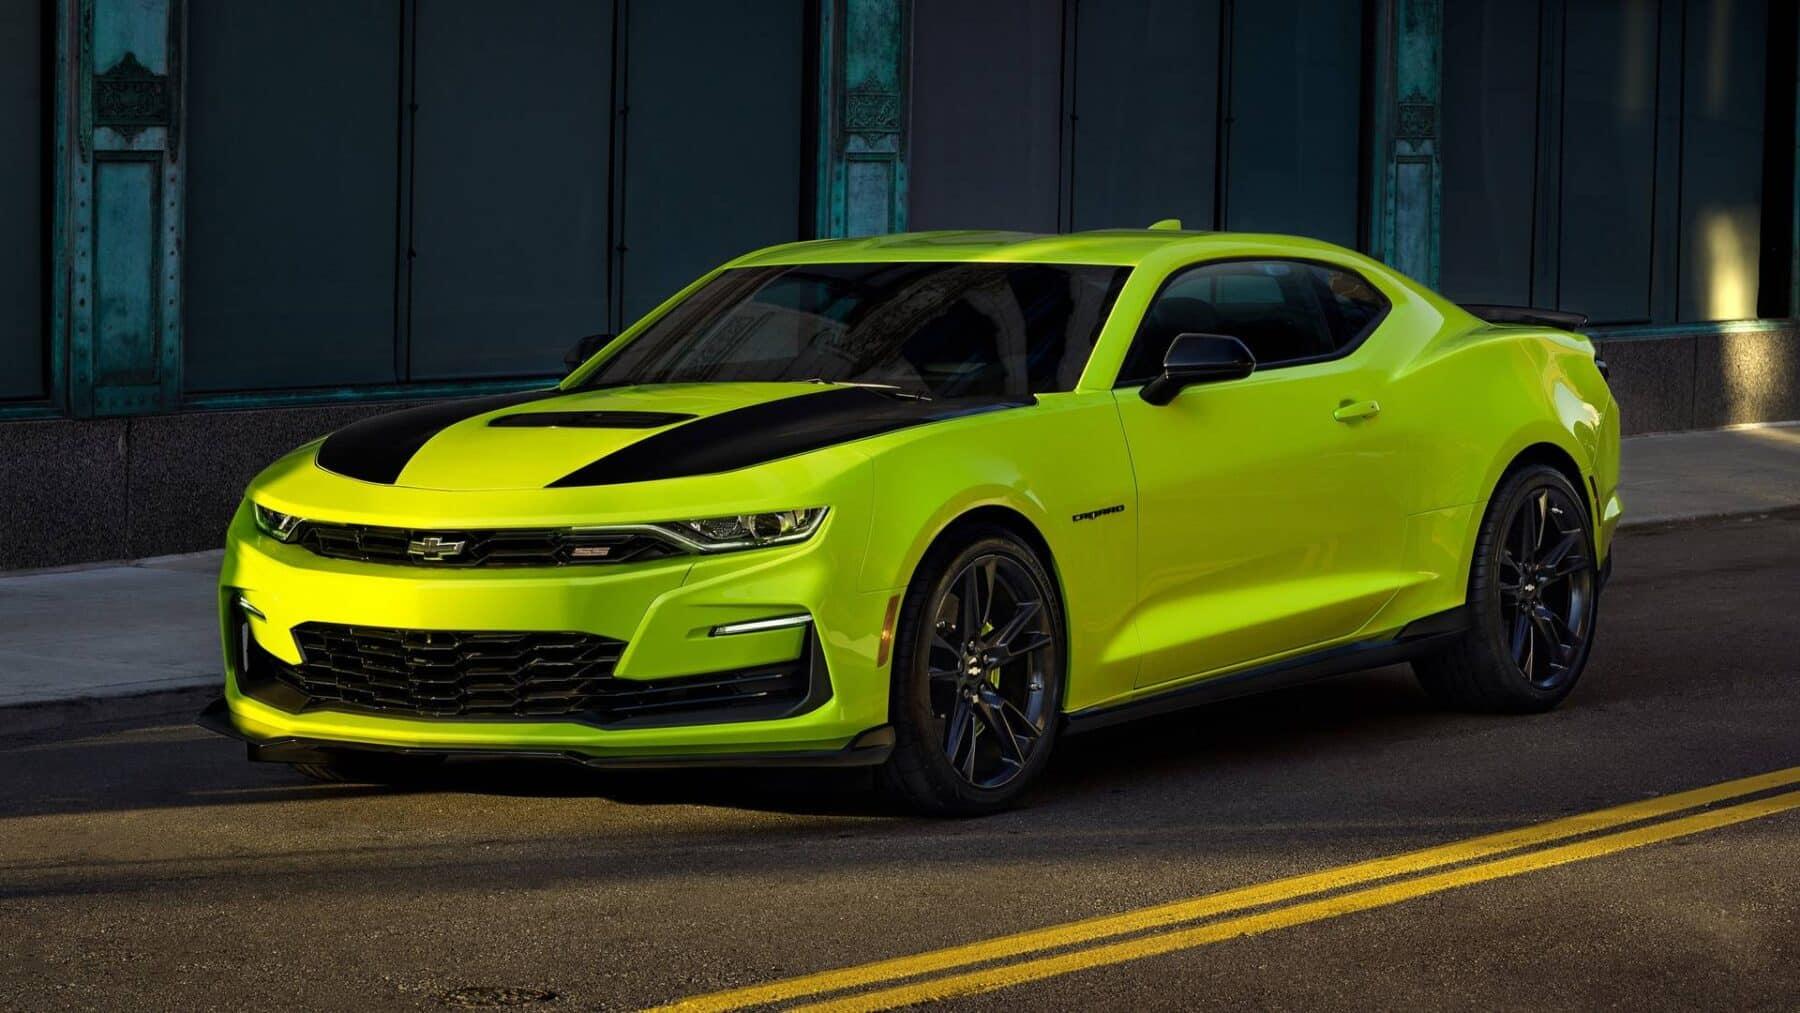 El Chevrolet Camaro se renueva sutilmente de cara a 2019